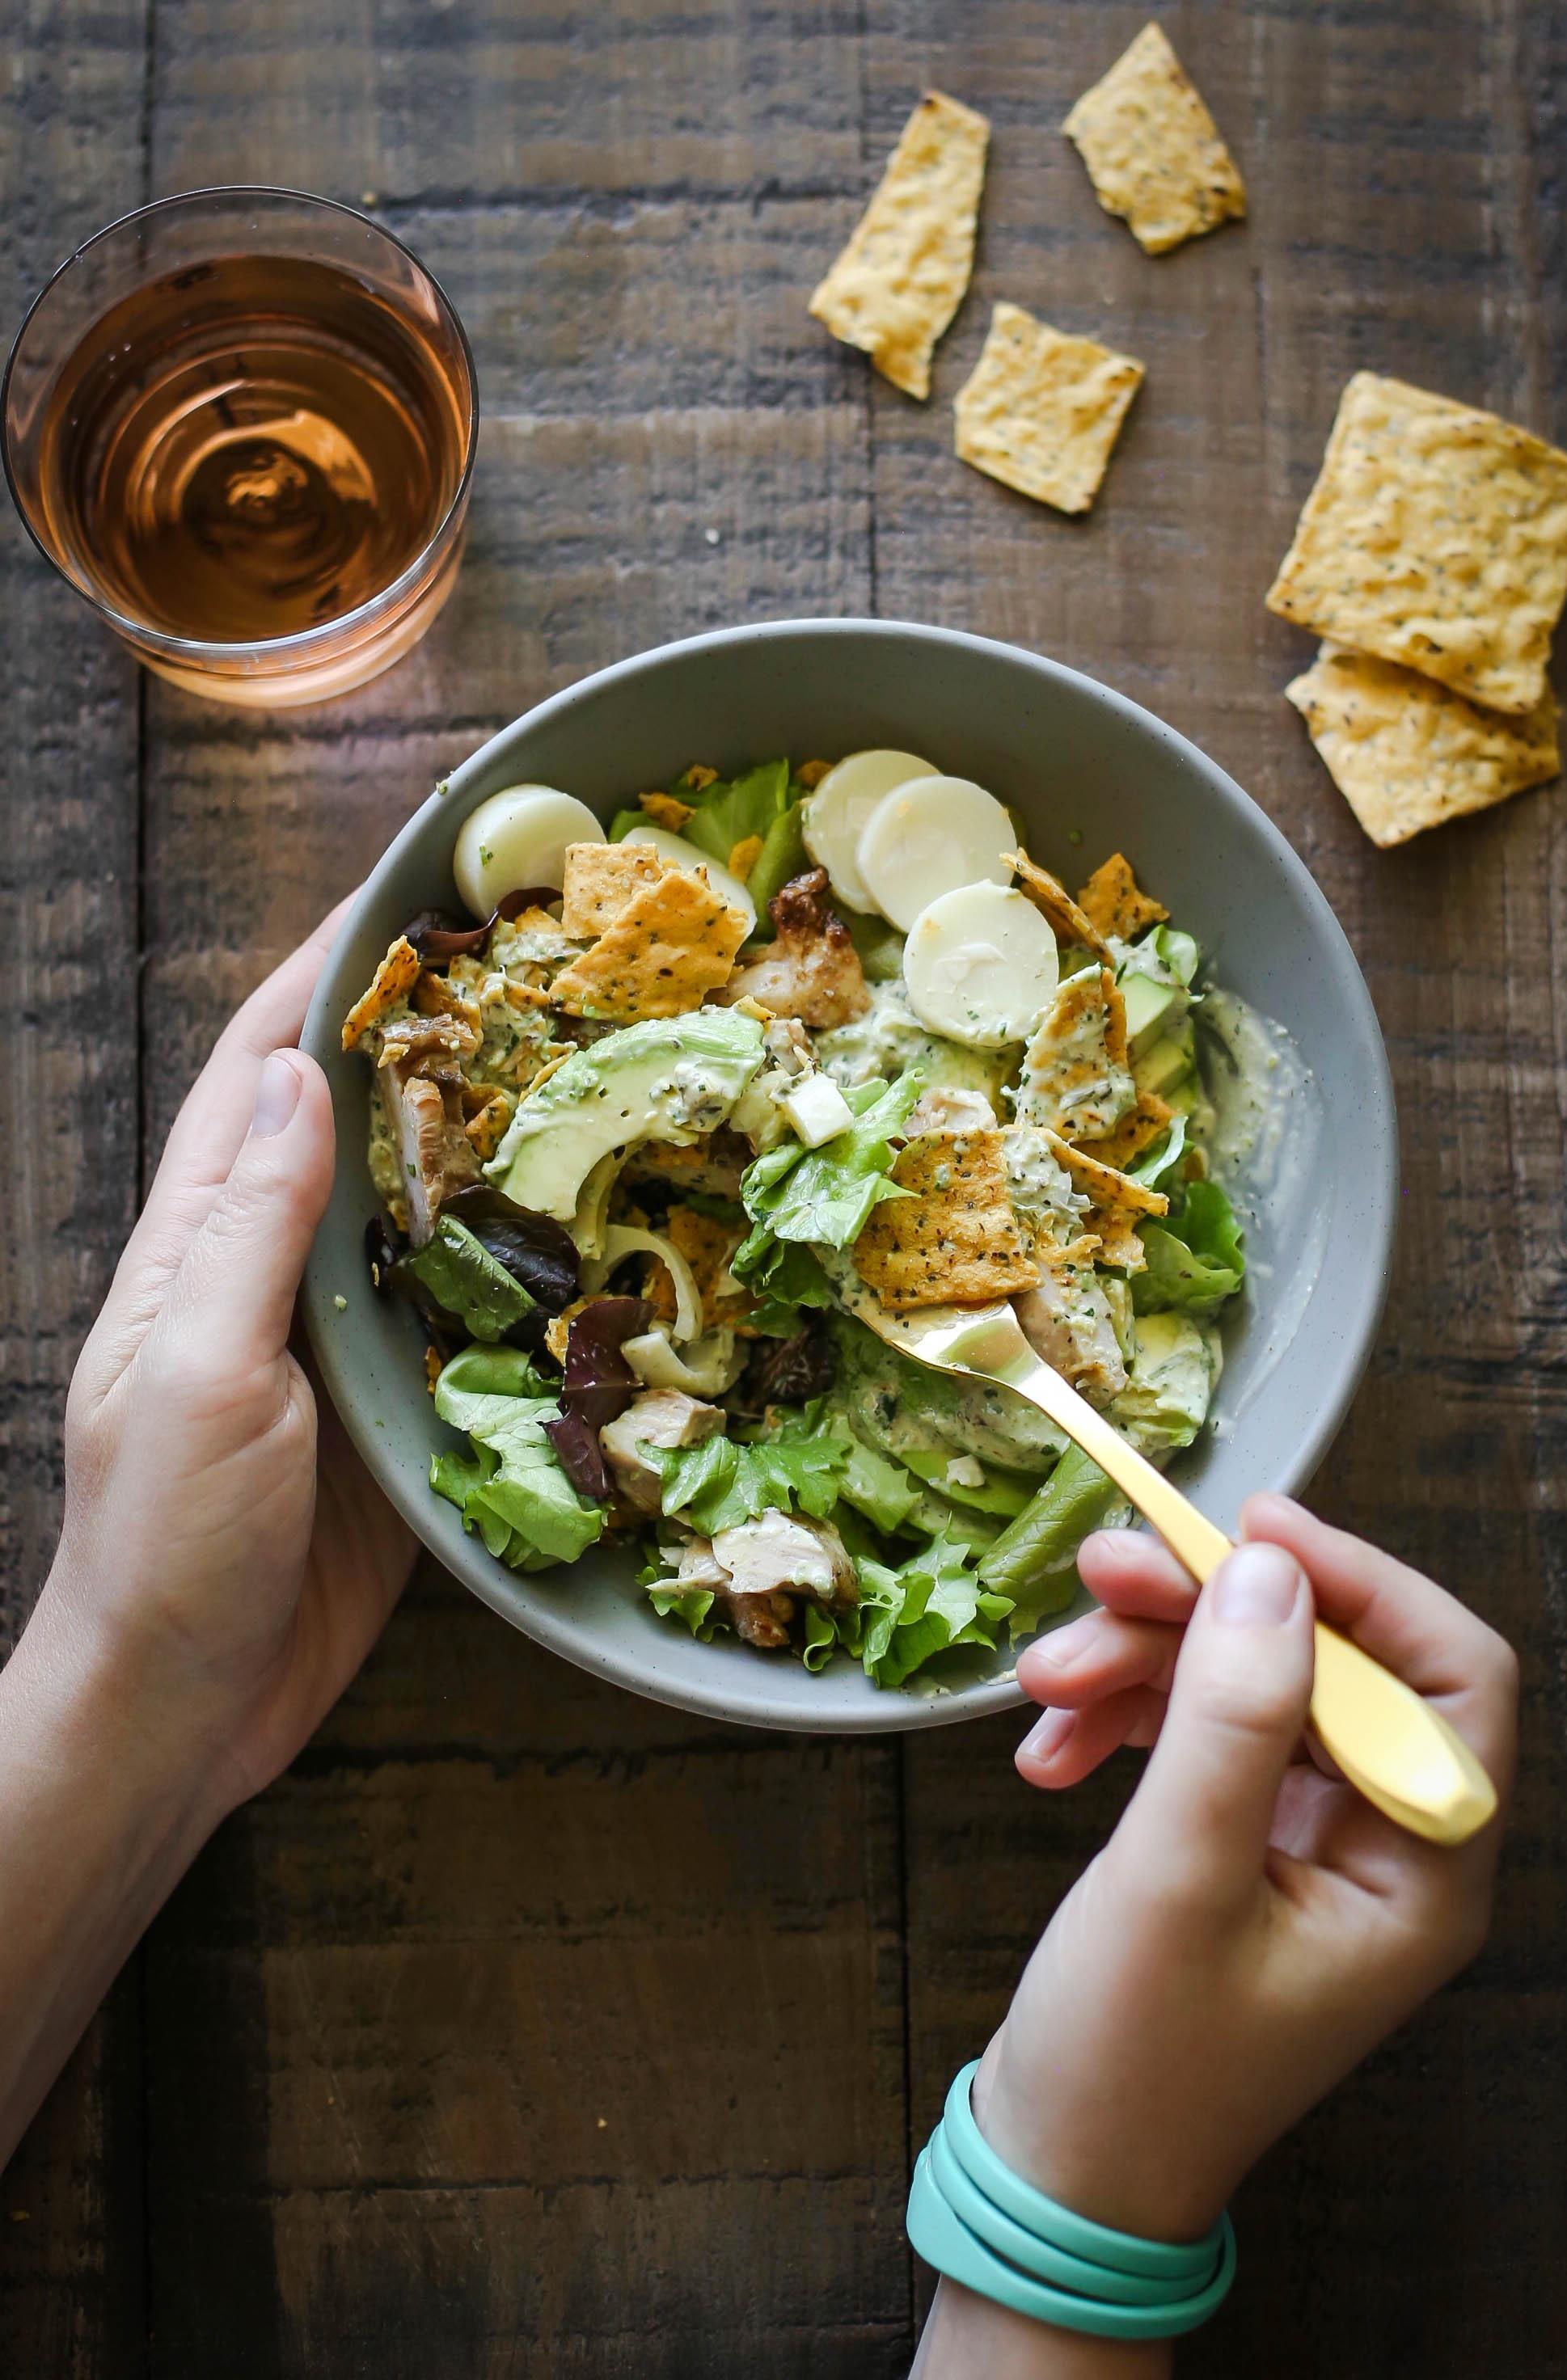 Scallion Jalapeño Salad Dressing